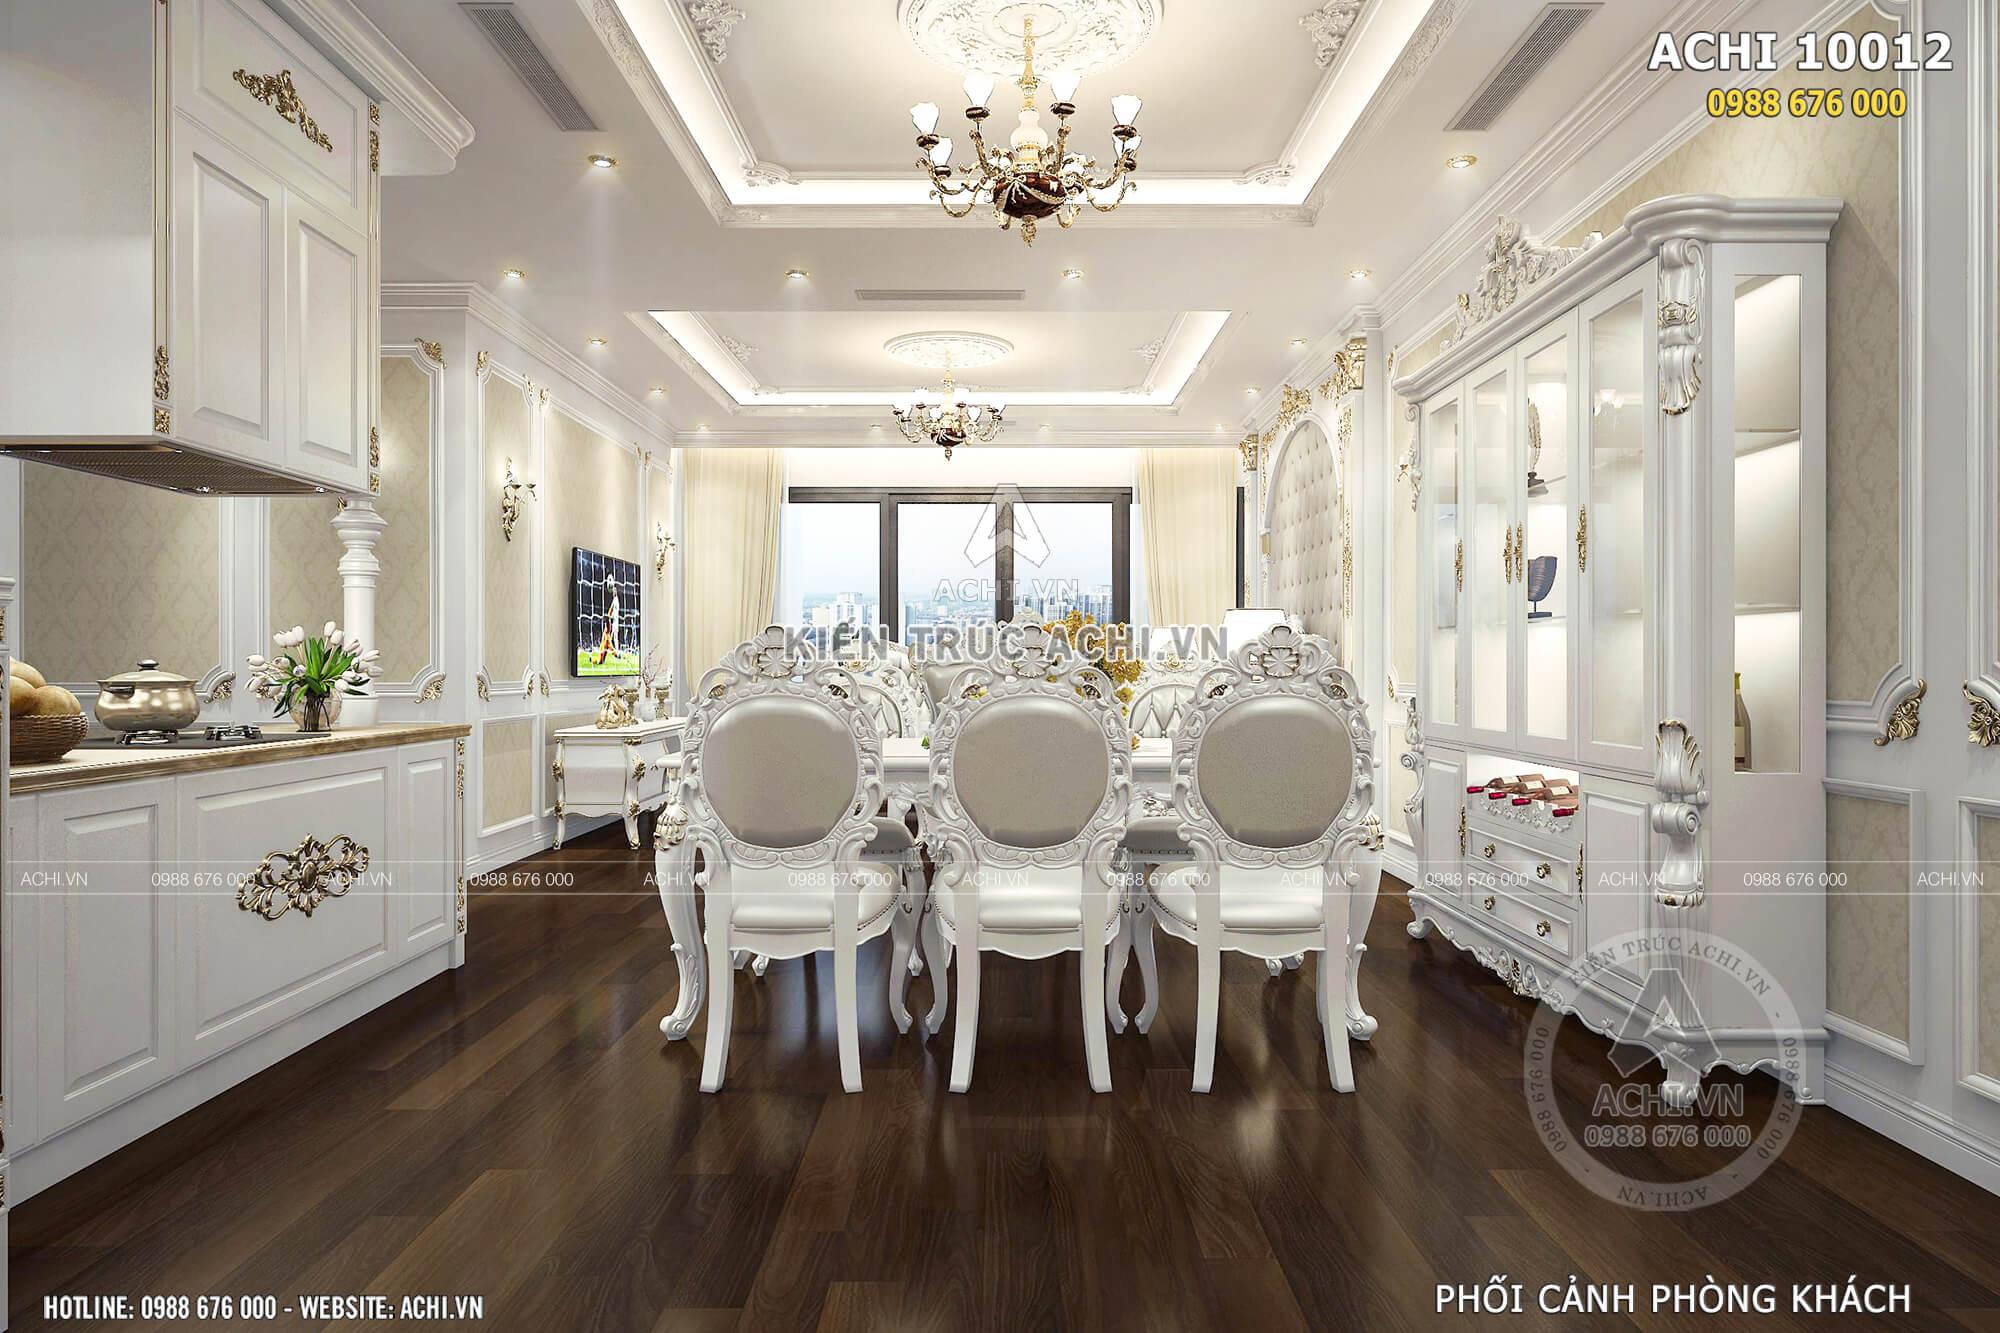 Phòng bếp ăn sang trọng và tiện nghi với nội thất đắt tiền